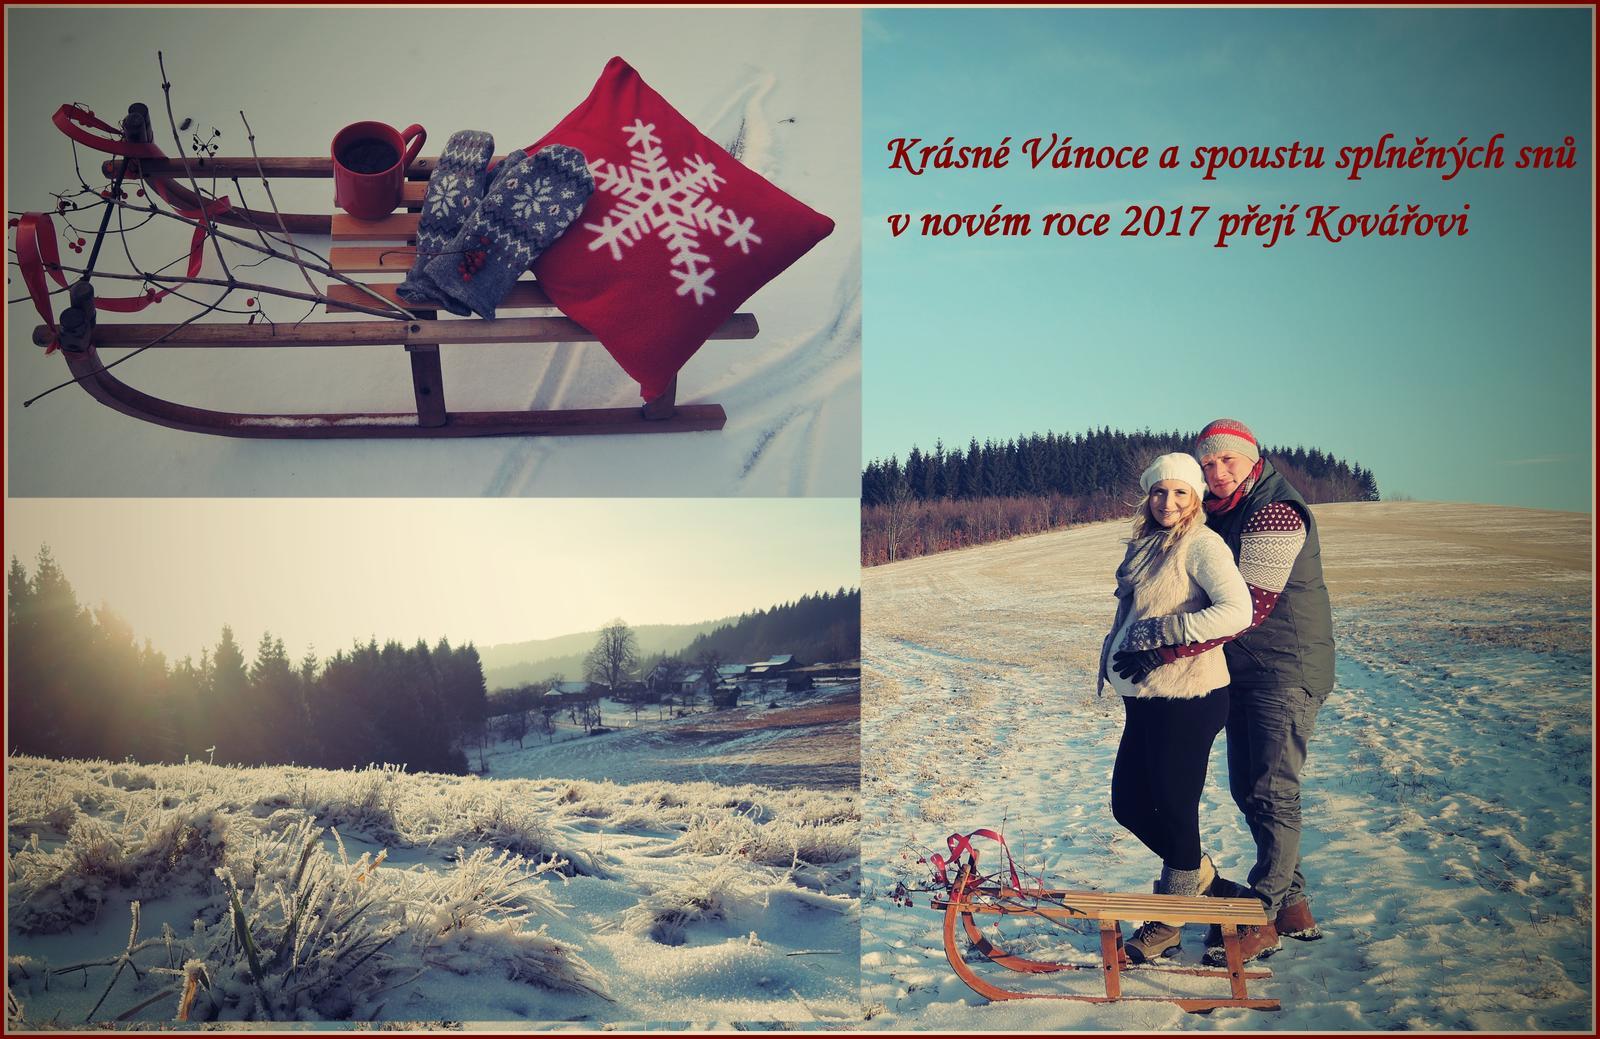 ♥ Krásné Vánoce všem na MODRÉ STŘEŠE ♥ - Obrázek č. 1